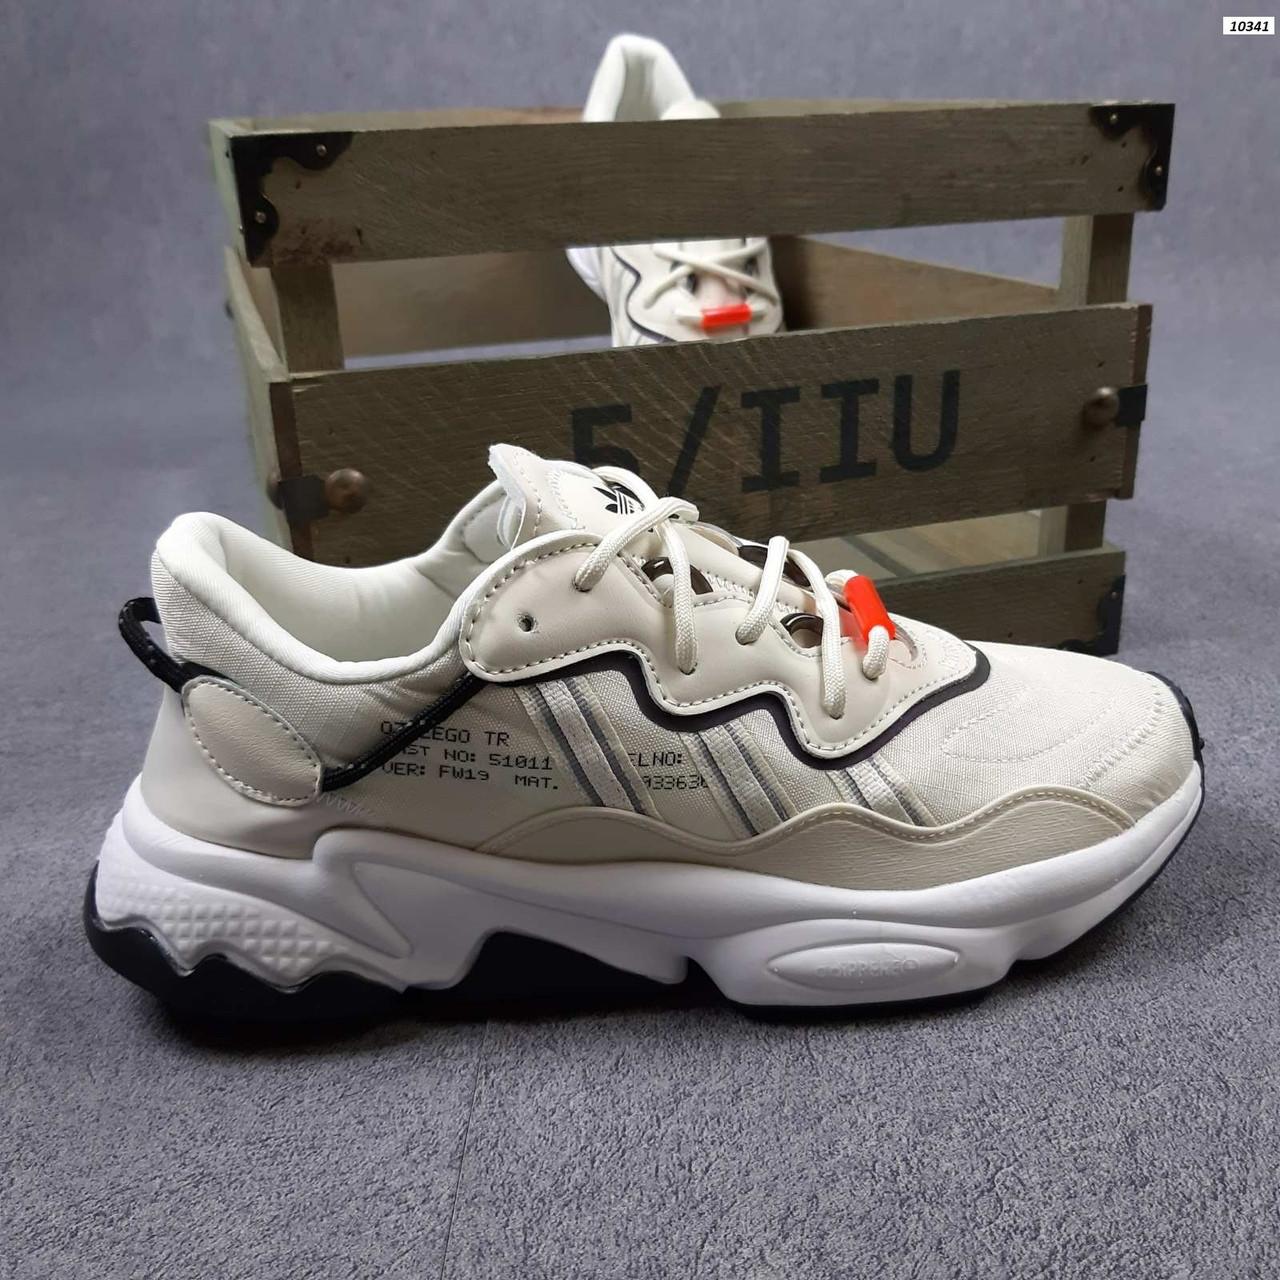 Жіночі кросівки Adidas Ozweego TR (бежеві) спортивні весняні кроси 20261